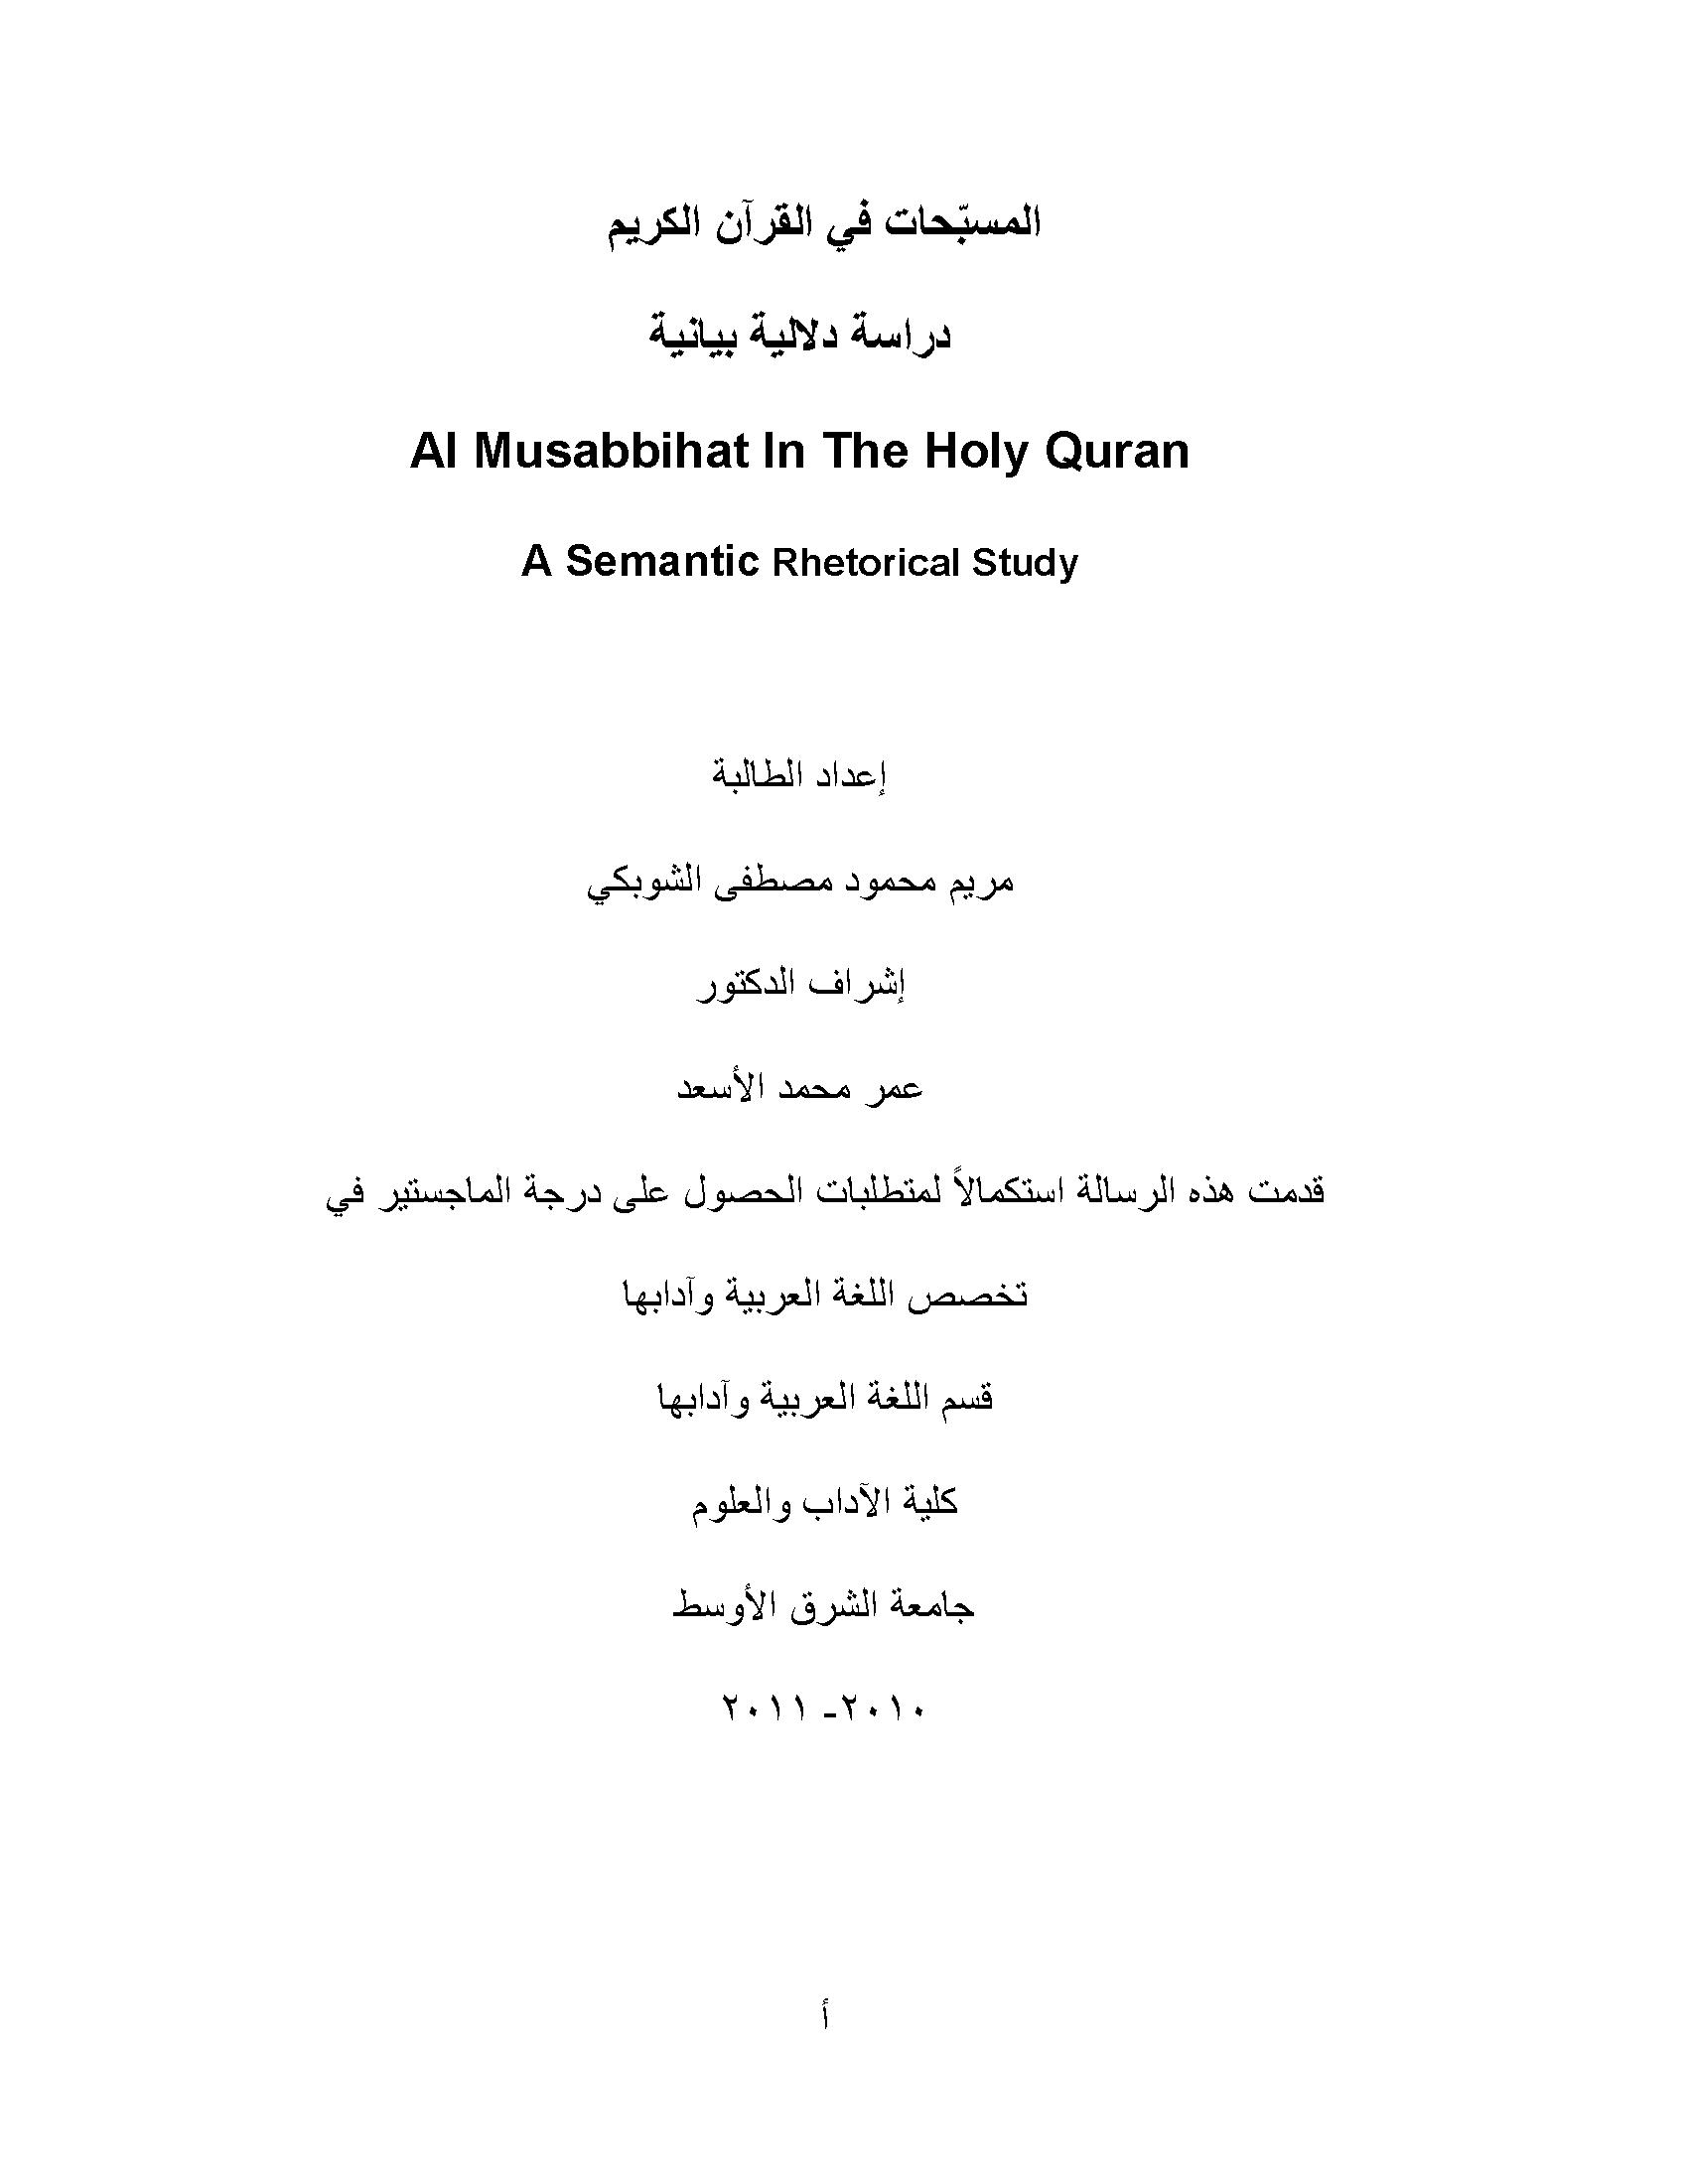 تحميل كتاب المسبّحات في القرآن الكريم (دراسة دلالية بيانية) لـِ: مريم محمود مصطفى الشوبكي